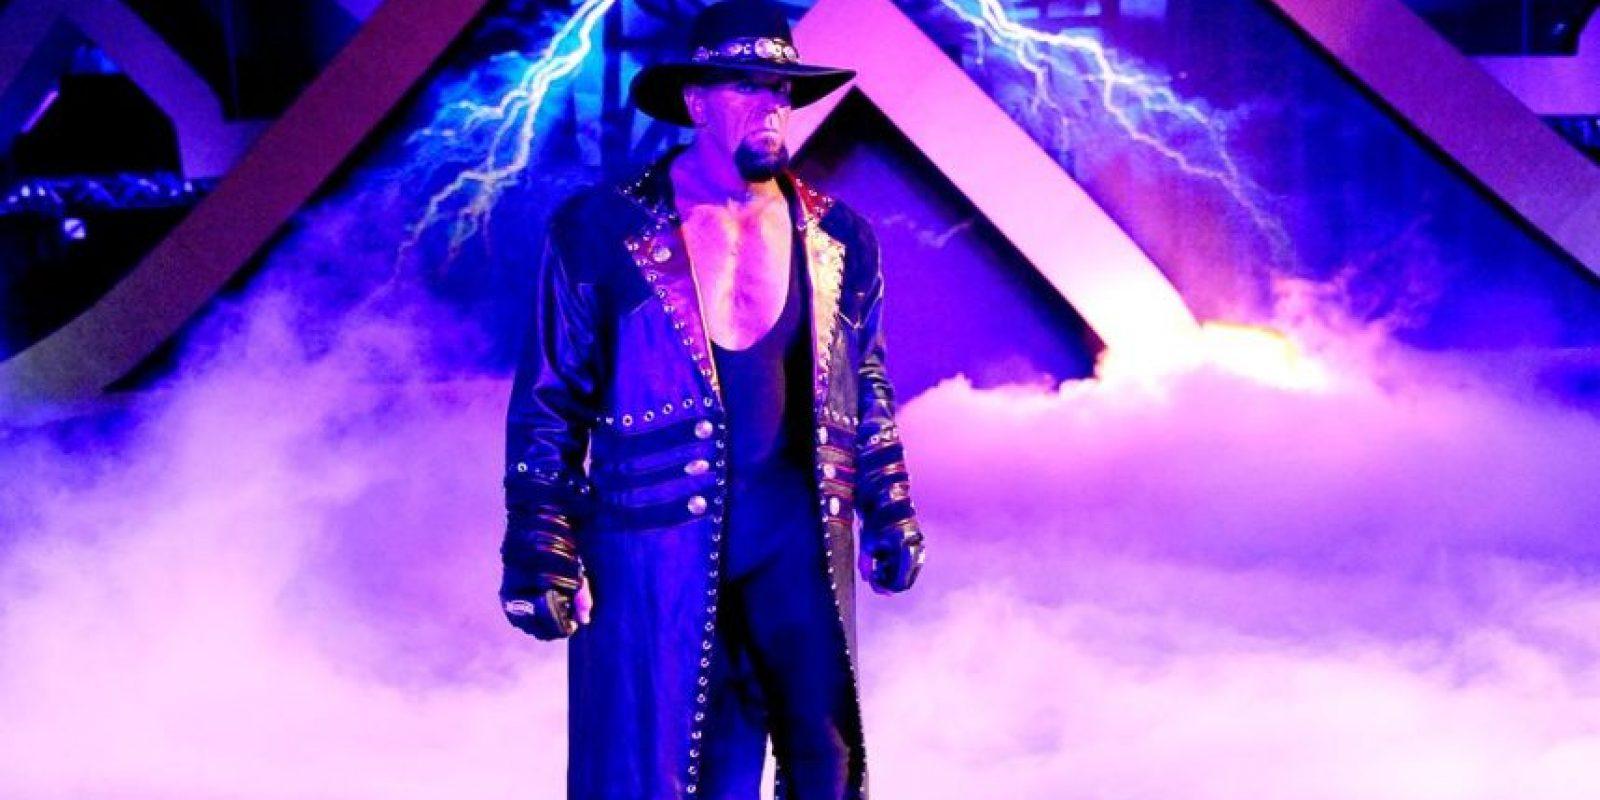 El Hombre muerto suma 49 años Foto:WWE